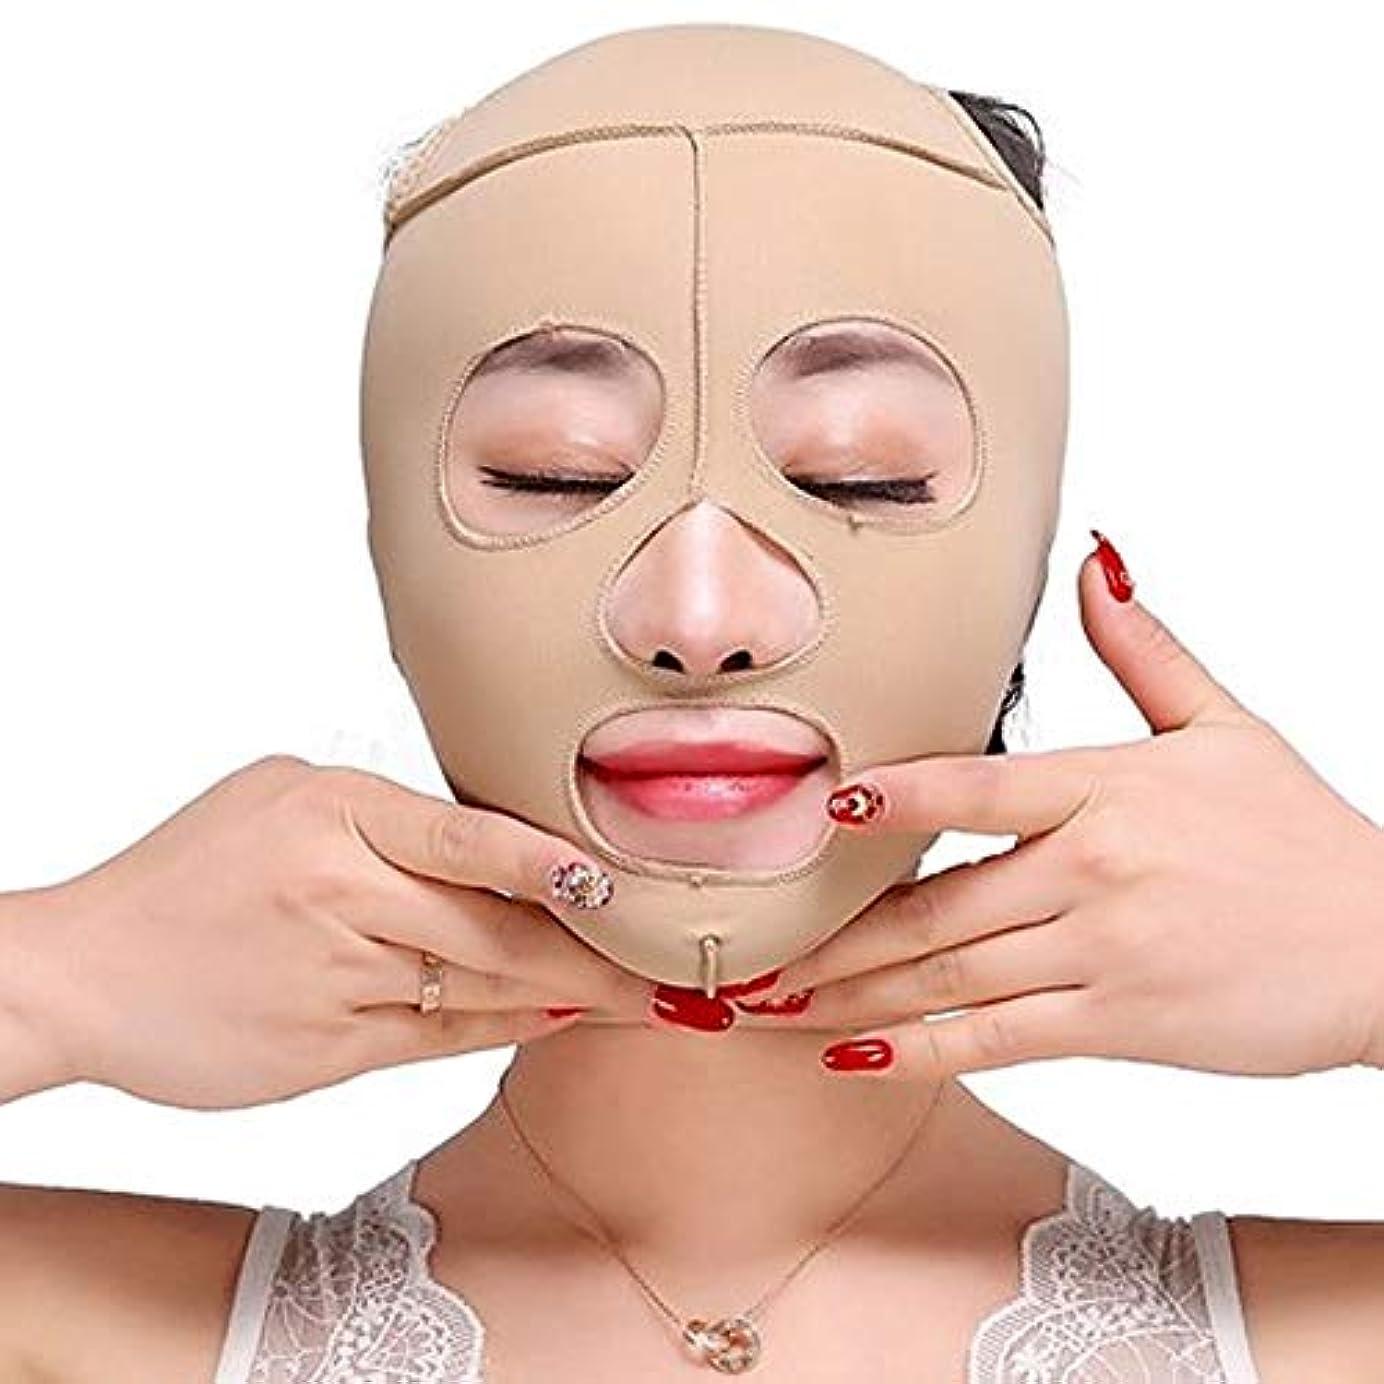 経験的志す徹底的にJia Jia- フェイスリフティングアーティファクト睡眠薄い顔顔の顔薄い顔V顔マスク二重あご薄い顔包帯肌色 顔面包帯 (サイズ さいず : XL)